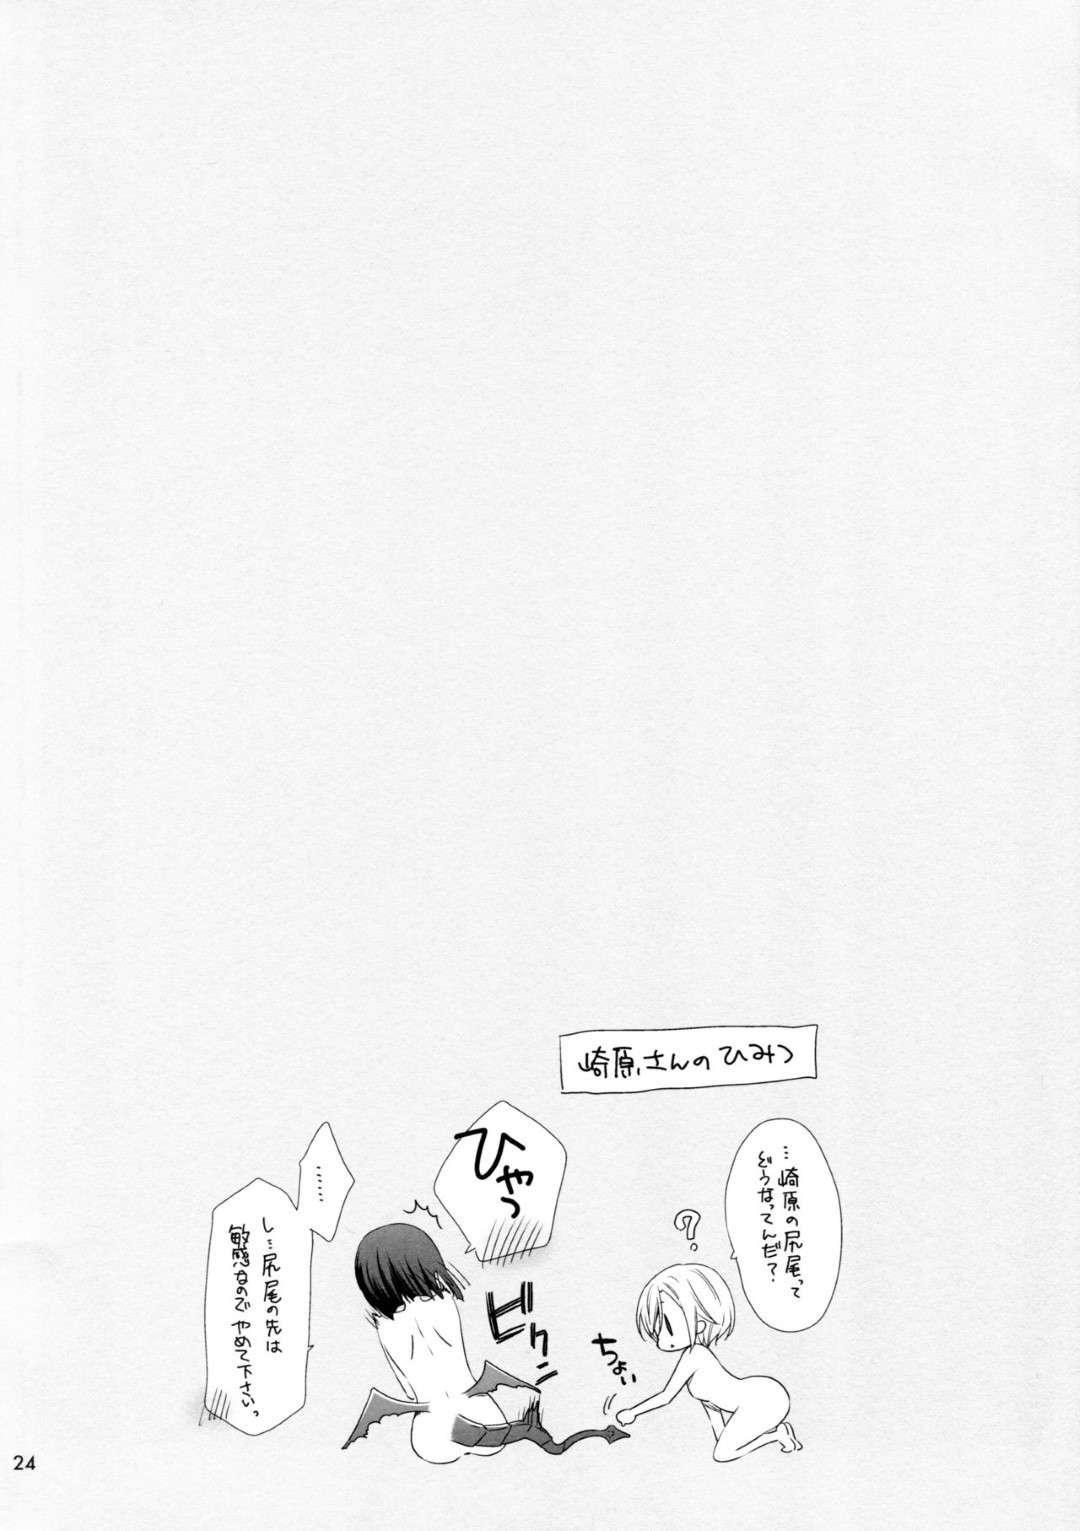 【エロ同人誌】(C97)サキュバスの正体を隠しながら通学する巨乳クラス委員長JK…た正体を知るたった一人のクラスメイトJKの家に勝手にお邪魔する!【Waterfall (嵩乃朔):サキュバスの崎原さん2】